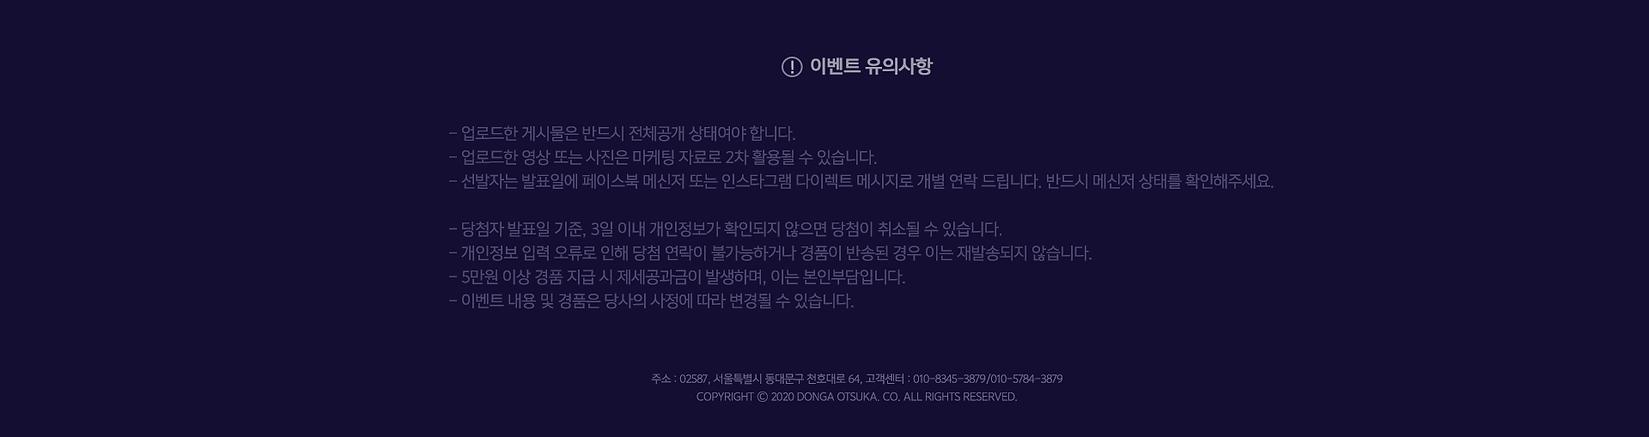 200818_마이크로사이트_'민'미션_최종_03.png